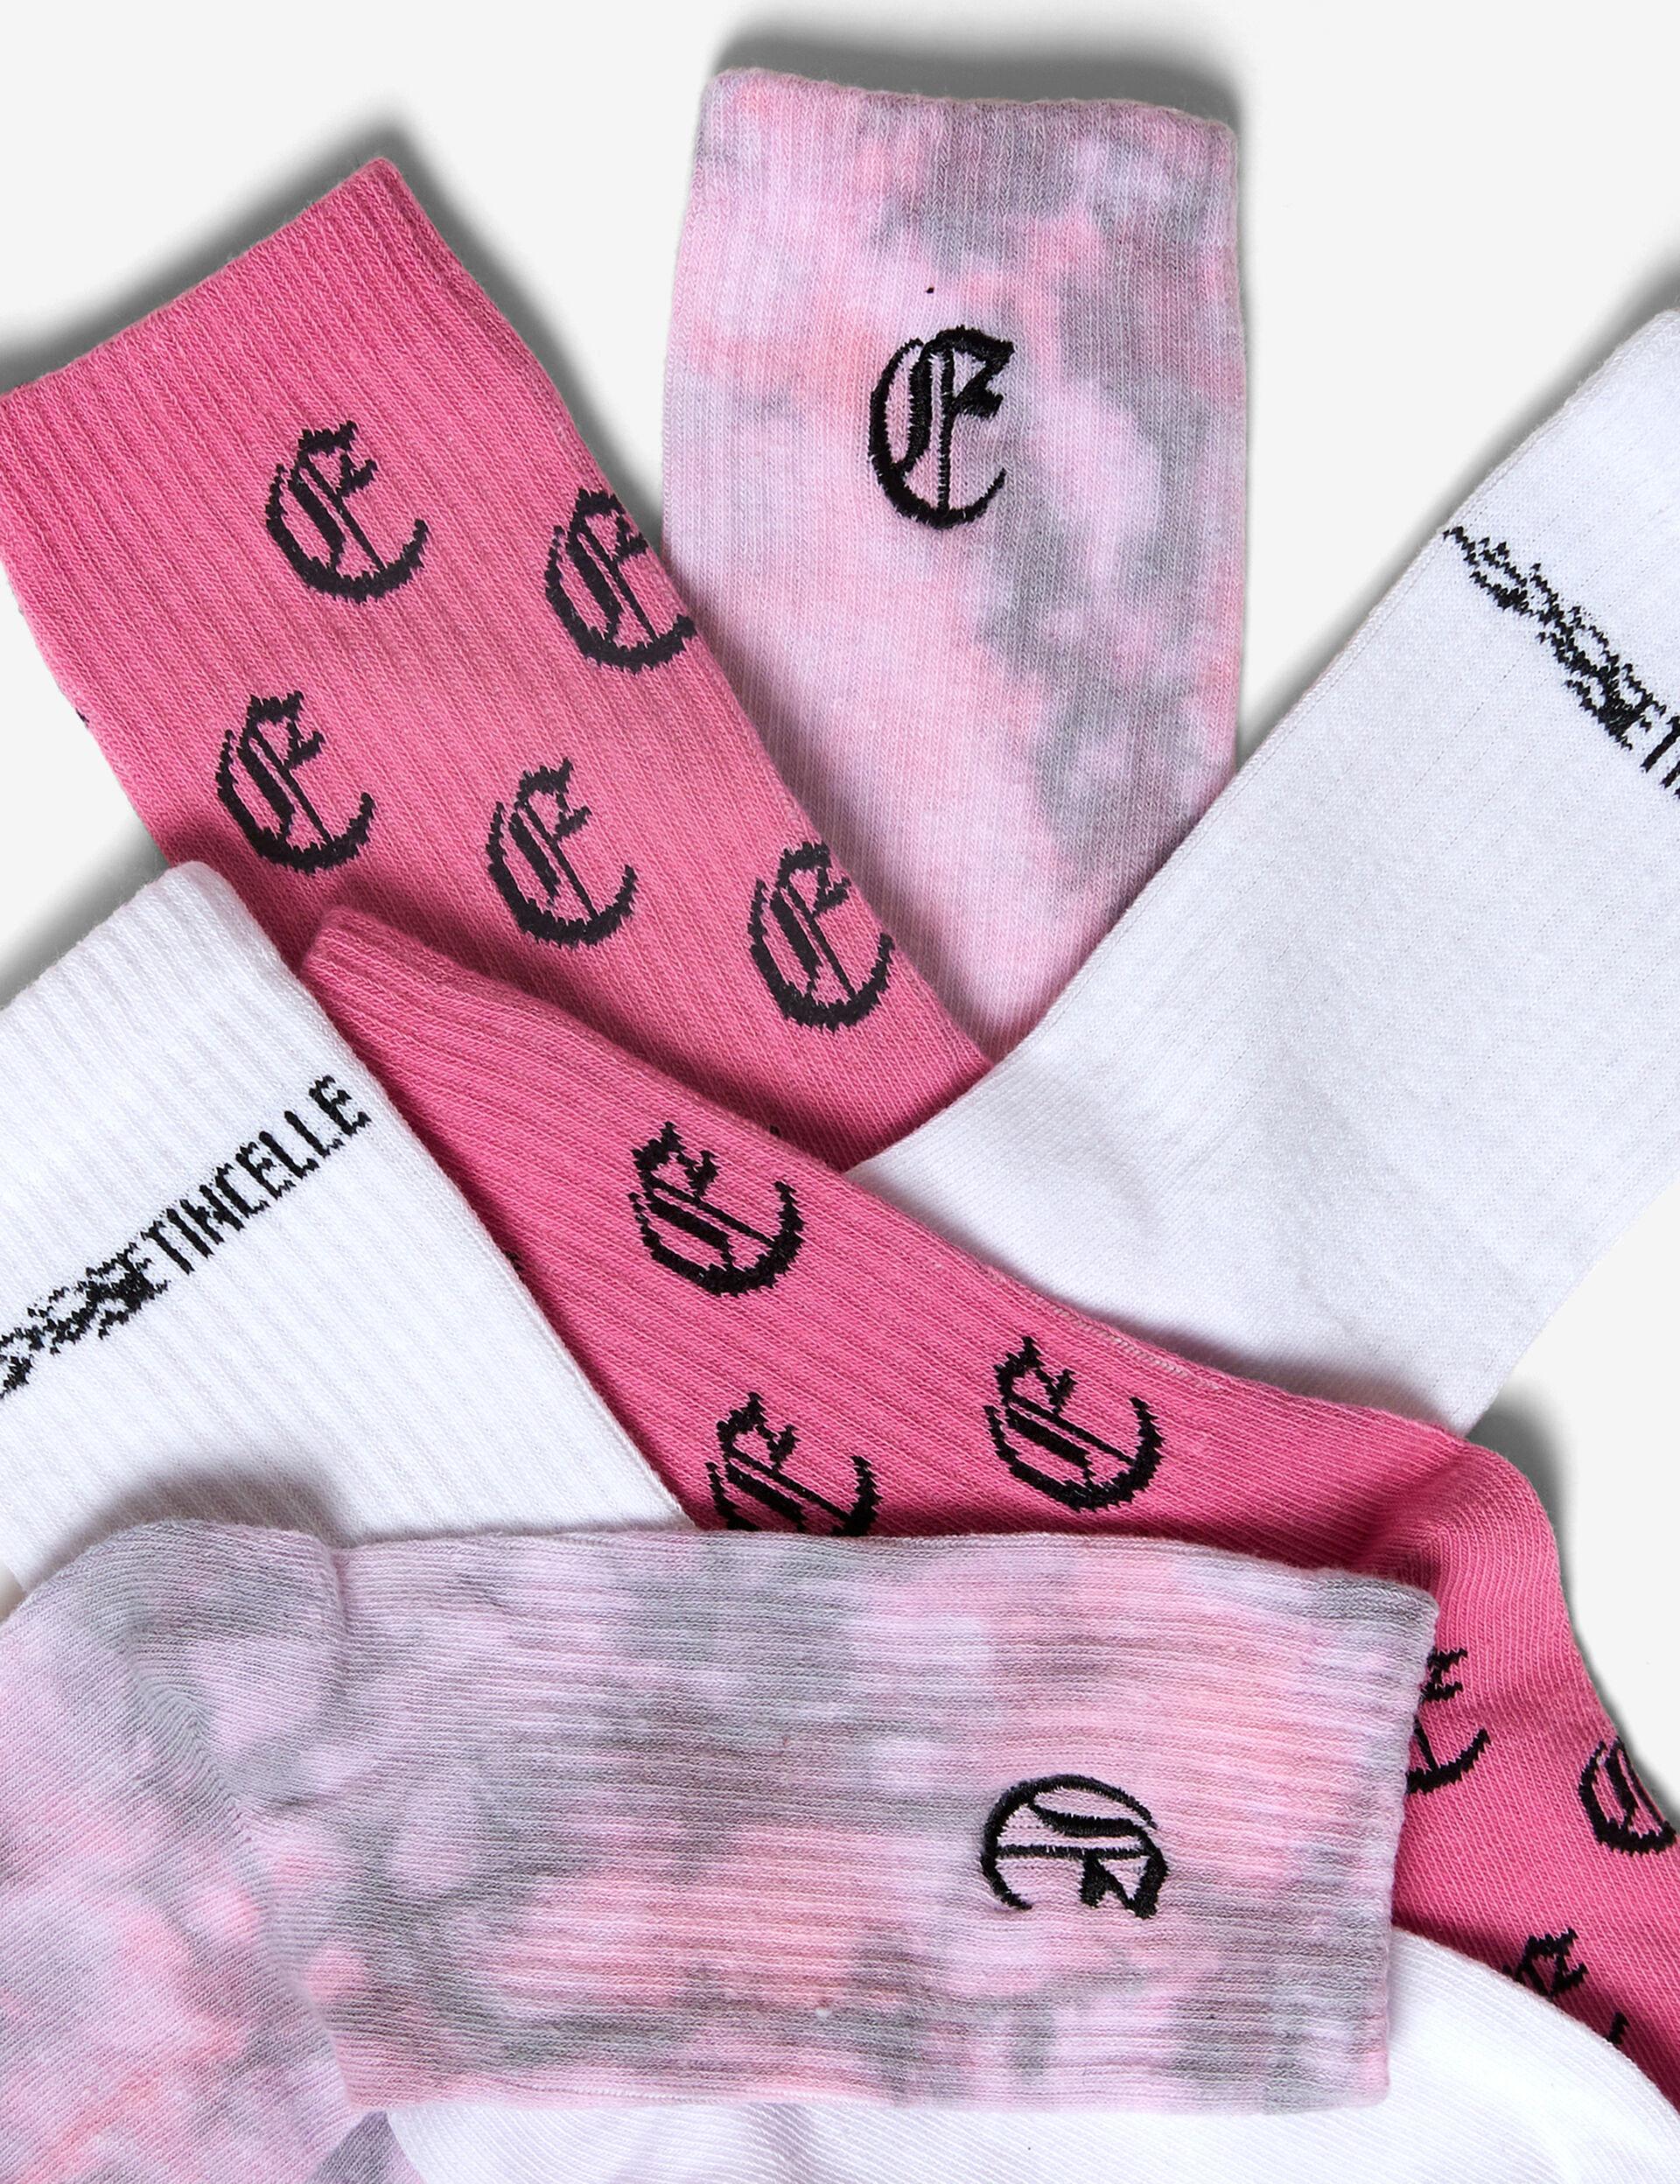 Eva Queen socks